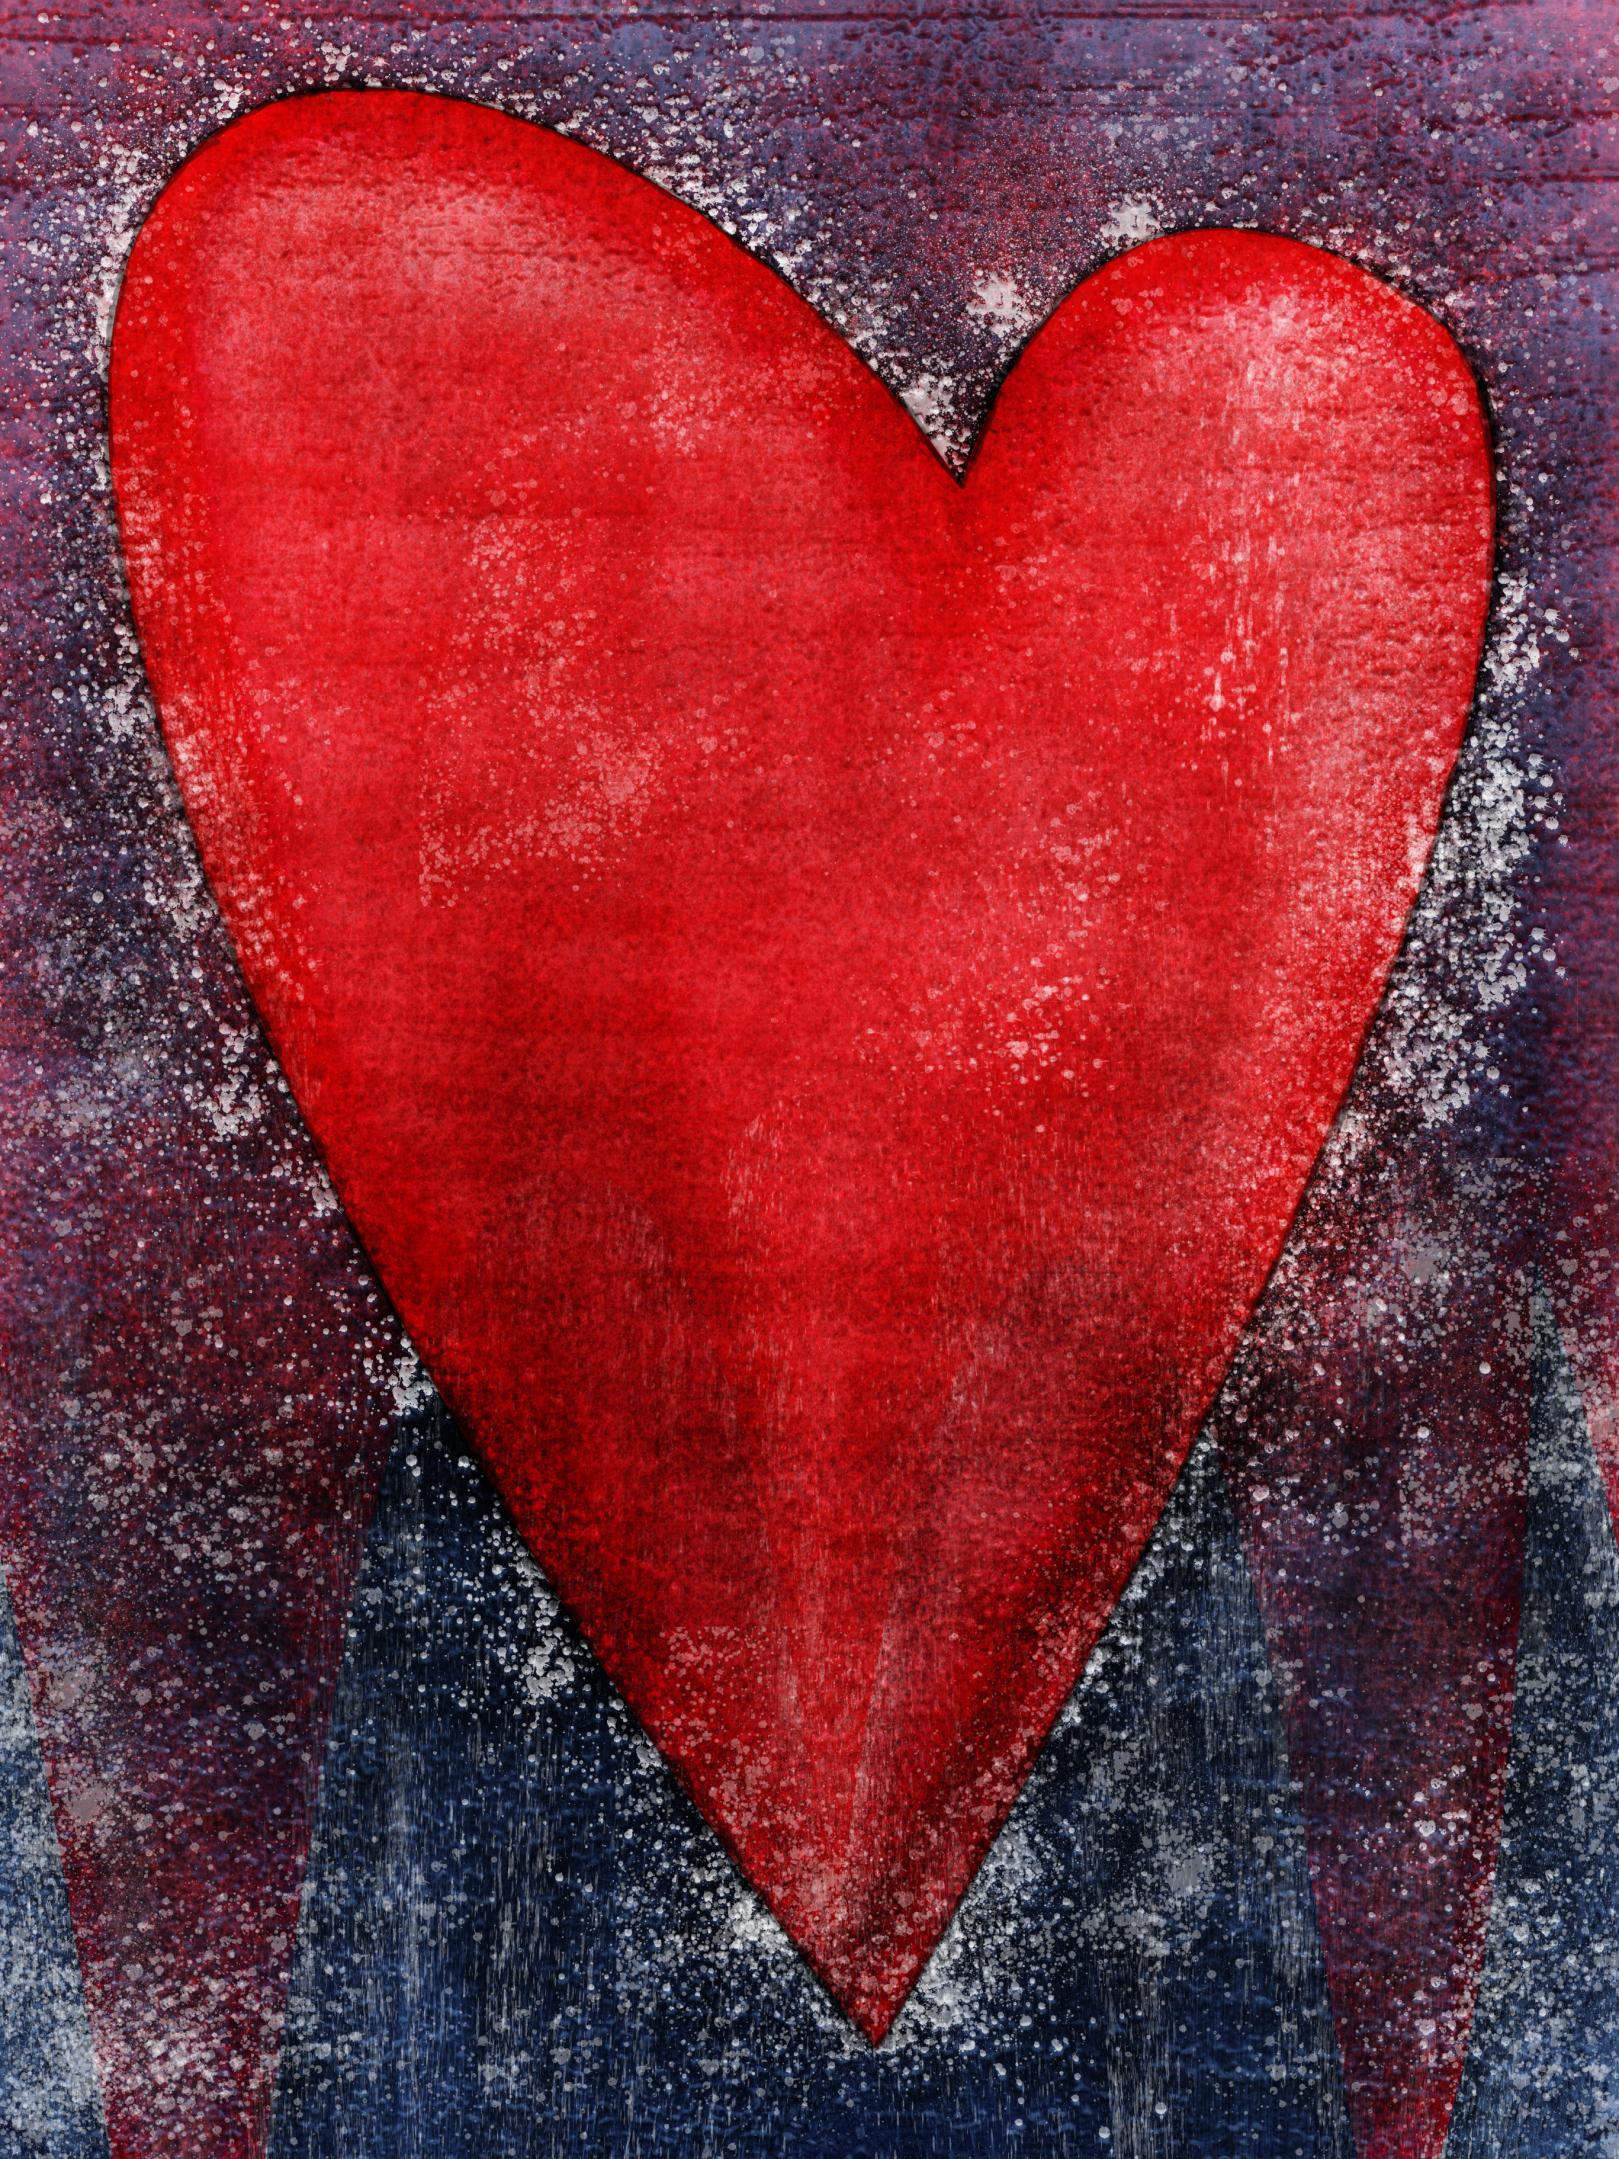 Форма любви и ненависти к похоти the shape of love онлайн 5 фотография